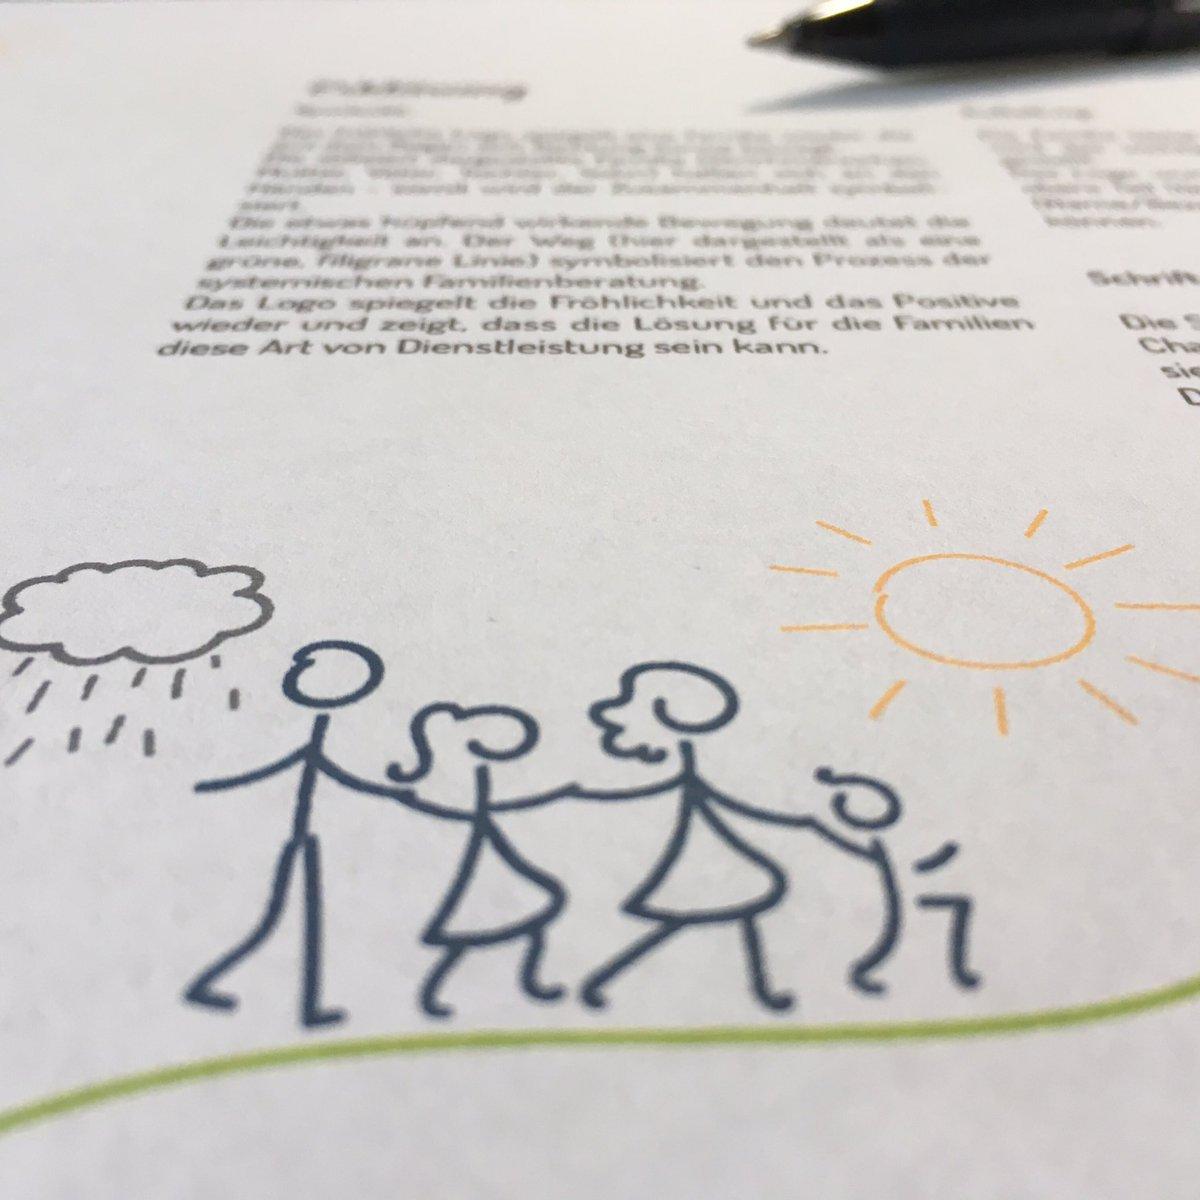 Diese fröhliche #Familie ist ein zentraler Bestandteil eines neuentstandenes Logos 😊 #Logogestaltung #logodesign #logoerstellung #logoentwicklung #grafikdesign #grafikbüro #logo #family #rodzina #familienberatung #systemischeaufstellung #familienaufstellung #familyconstellations